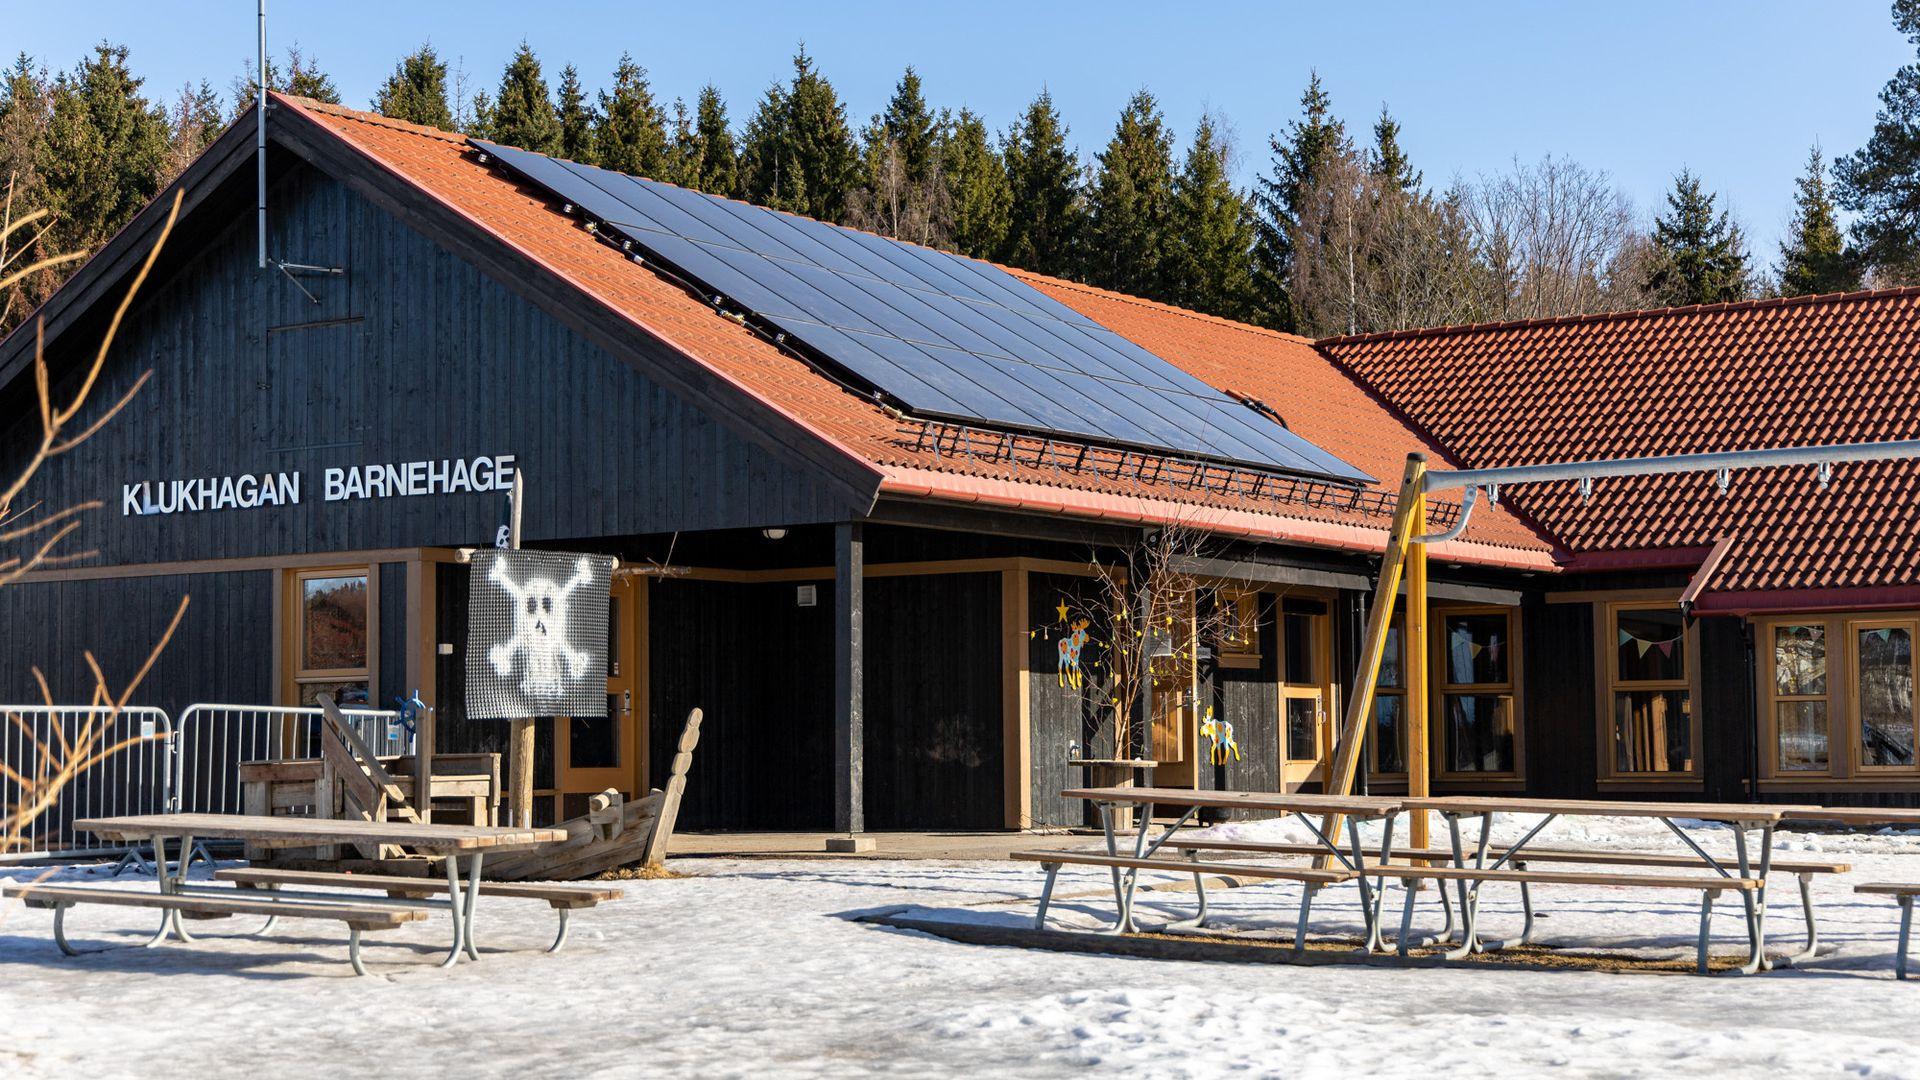 Et kombinert solcelle- og solfangeranlegg på taket, skal sammen med bergvarme gjøre Klukhagan barnehage på Hamar i stand til å produsere 93,5 prosent av sitt eget oppvarmingsbehov.